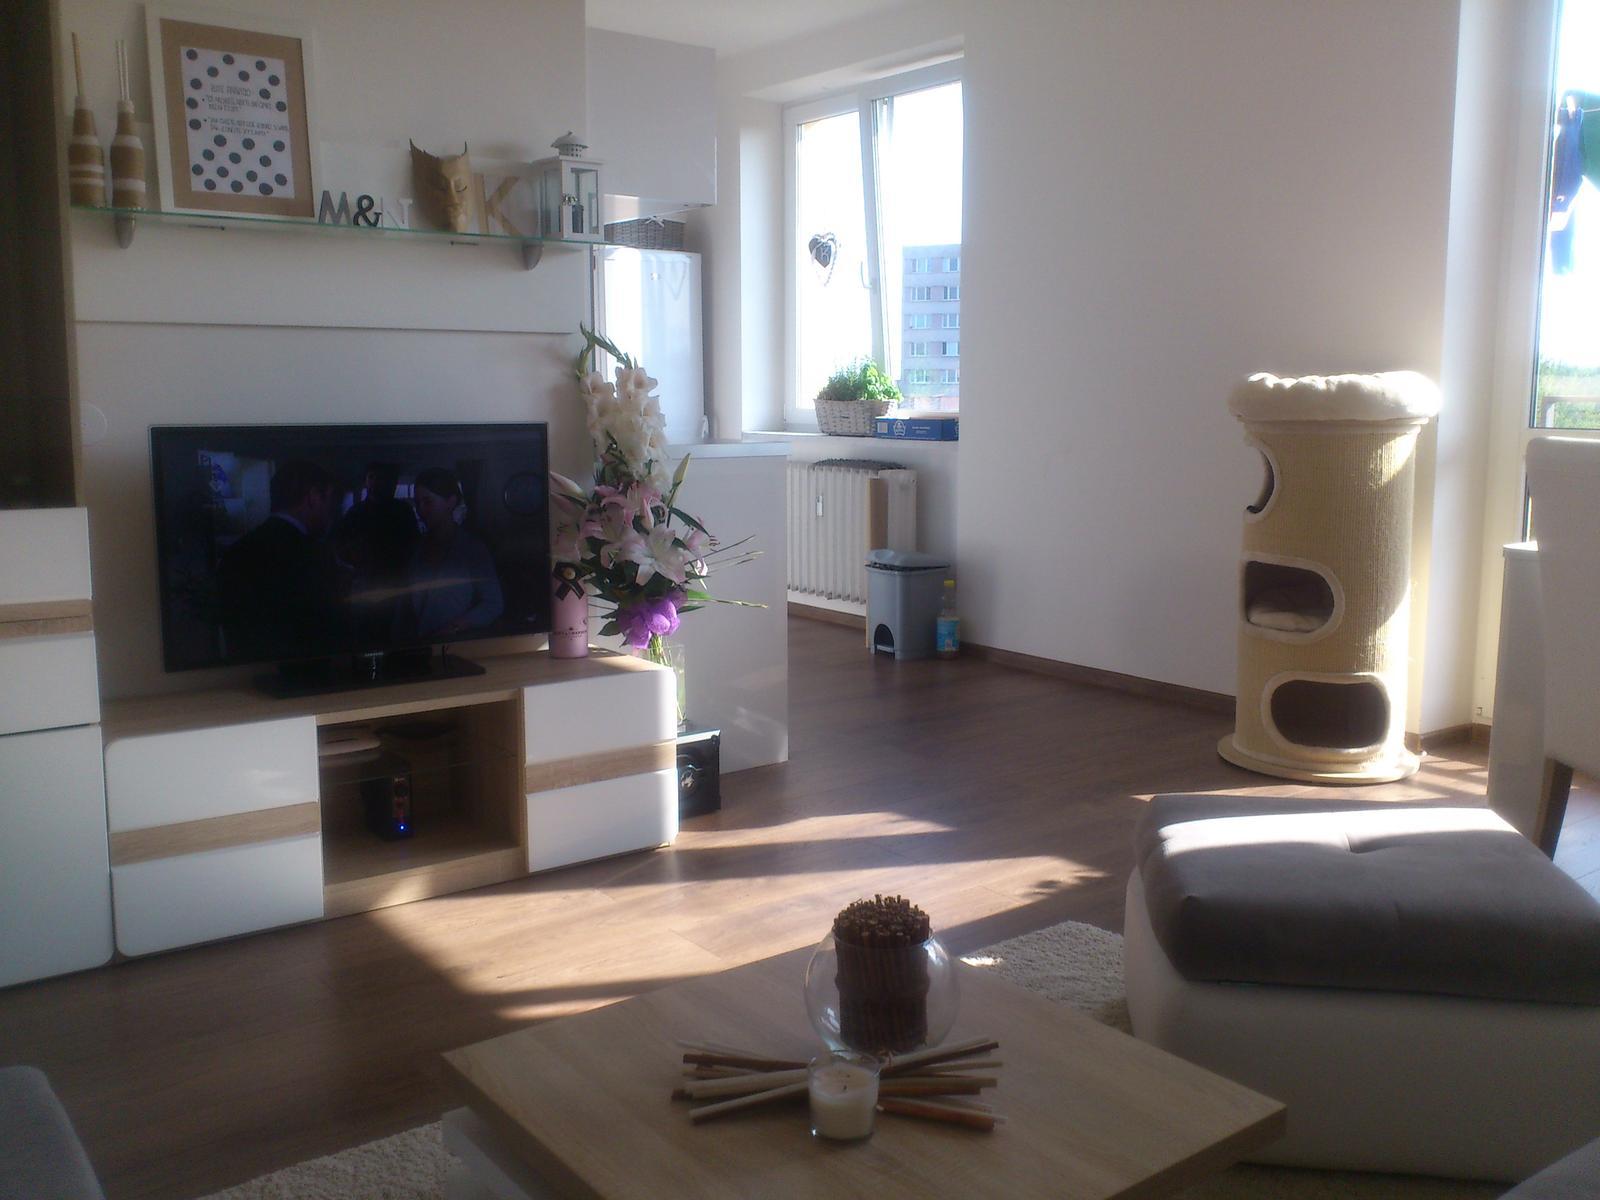 My lovely home 2+kk - Obrázek č. 78